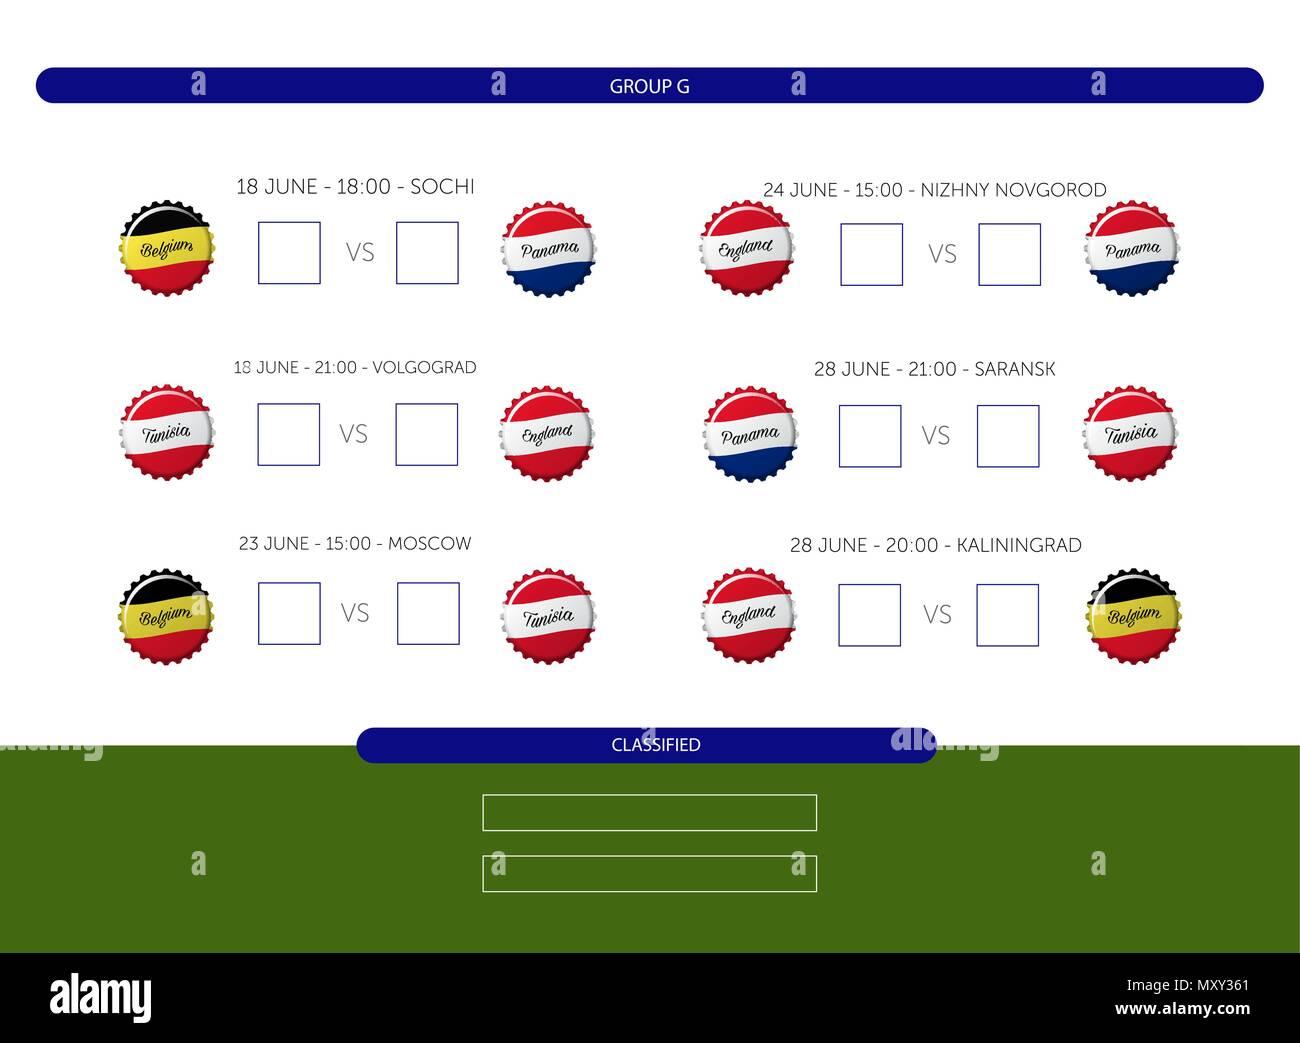 Futbol Calendario.Campeonato De Futbol 2018 Calendario Grupo G Info Vector Grafico